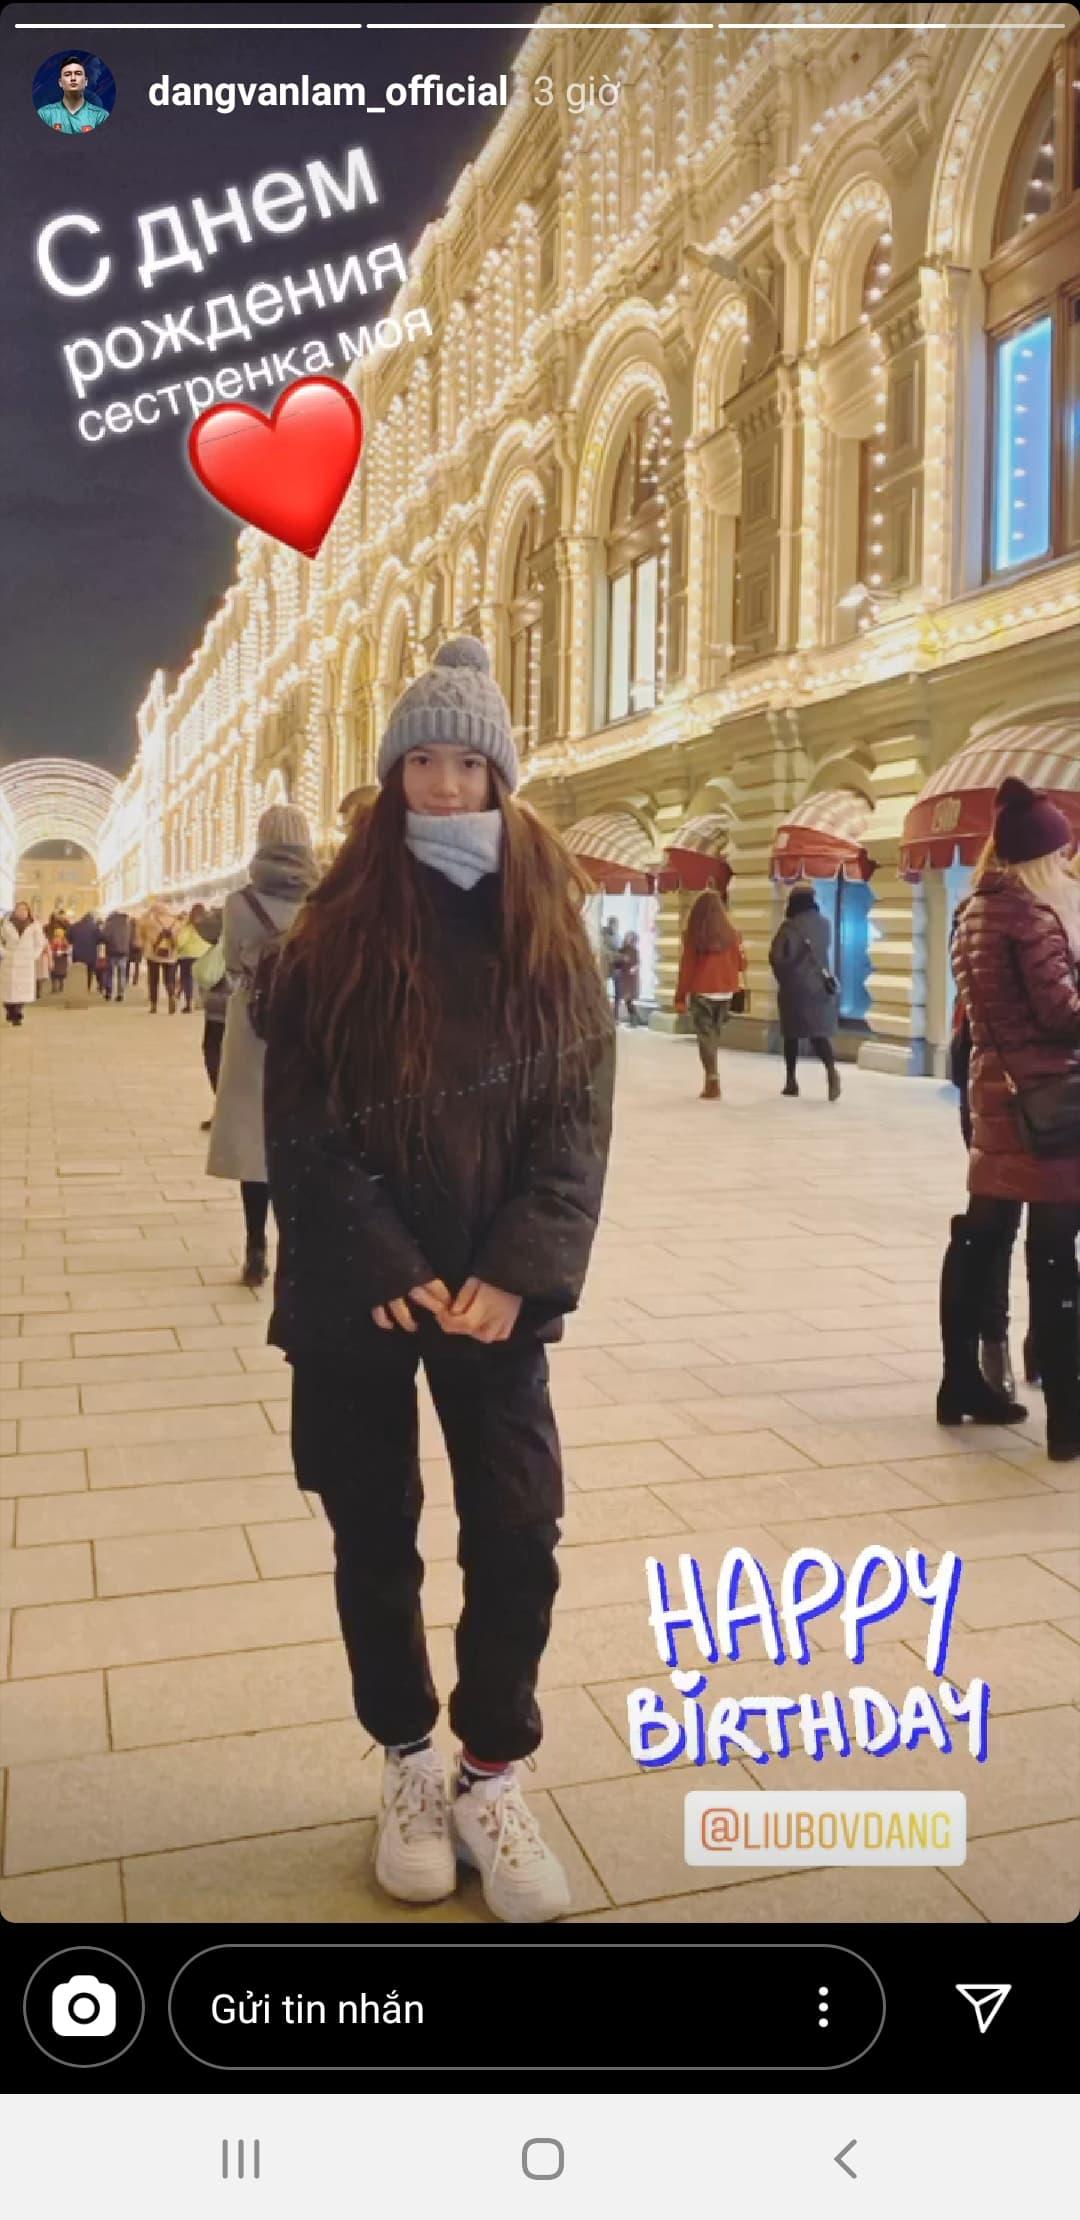 Văn Lâm gọi điện chúc mừng sinh nhật từ xa và tặng quà đặc biệt, em gái Thanh Giang liền bật khóc vì cảm động - ảnh 1